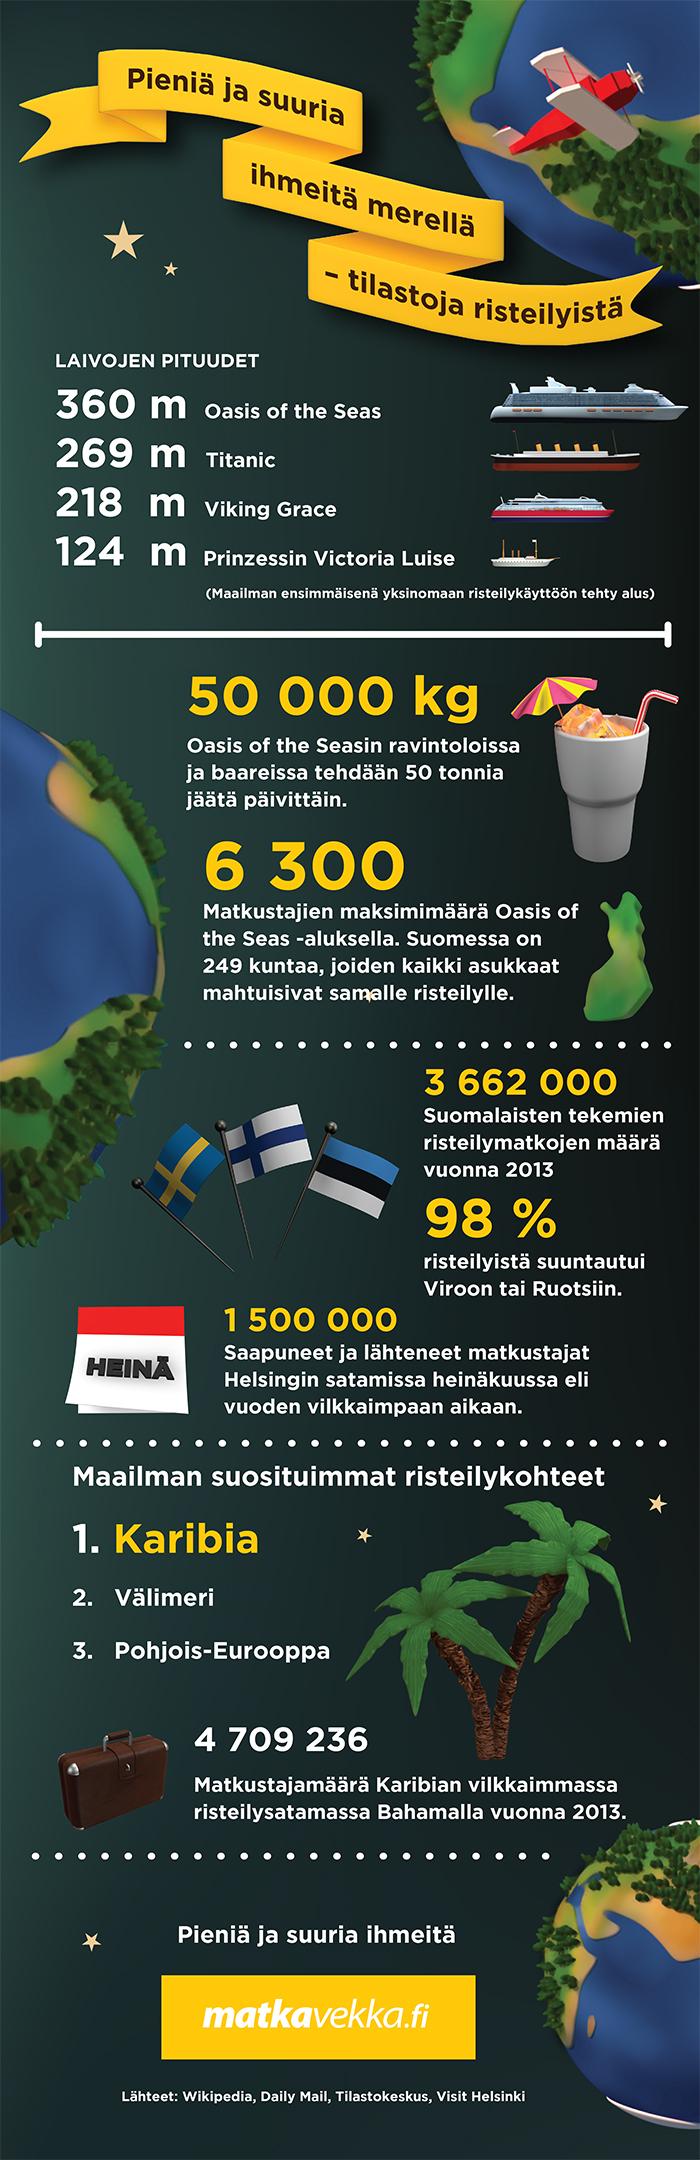 MatkaVekka infograafi - kiehtovia faktoja risteilyistä